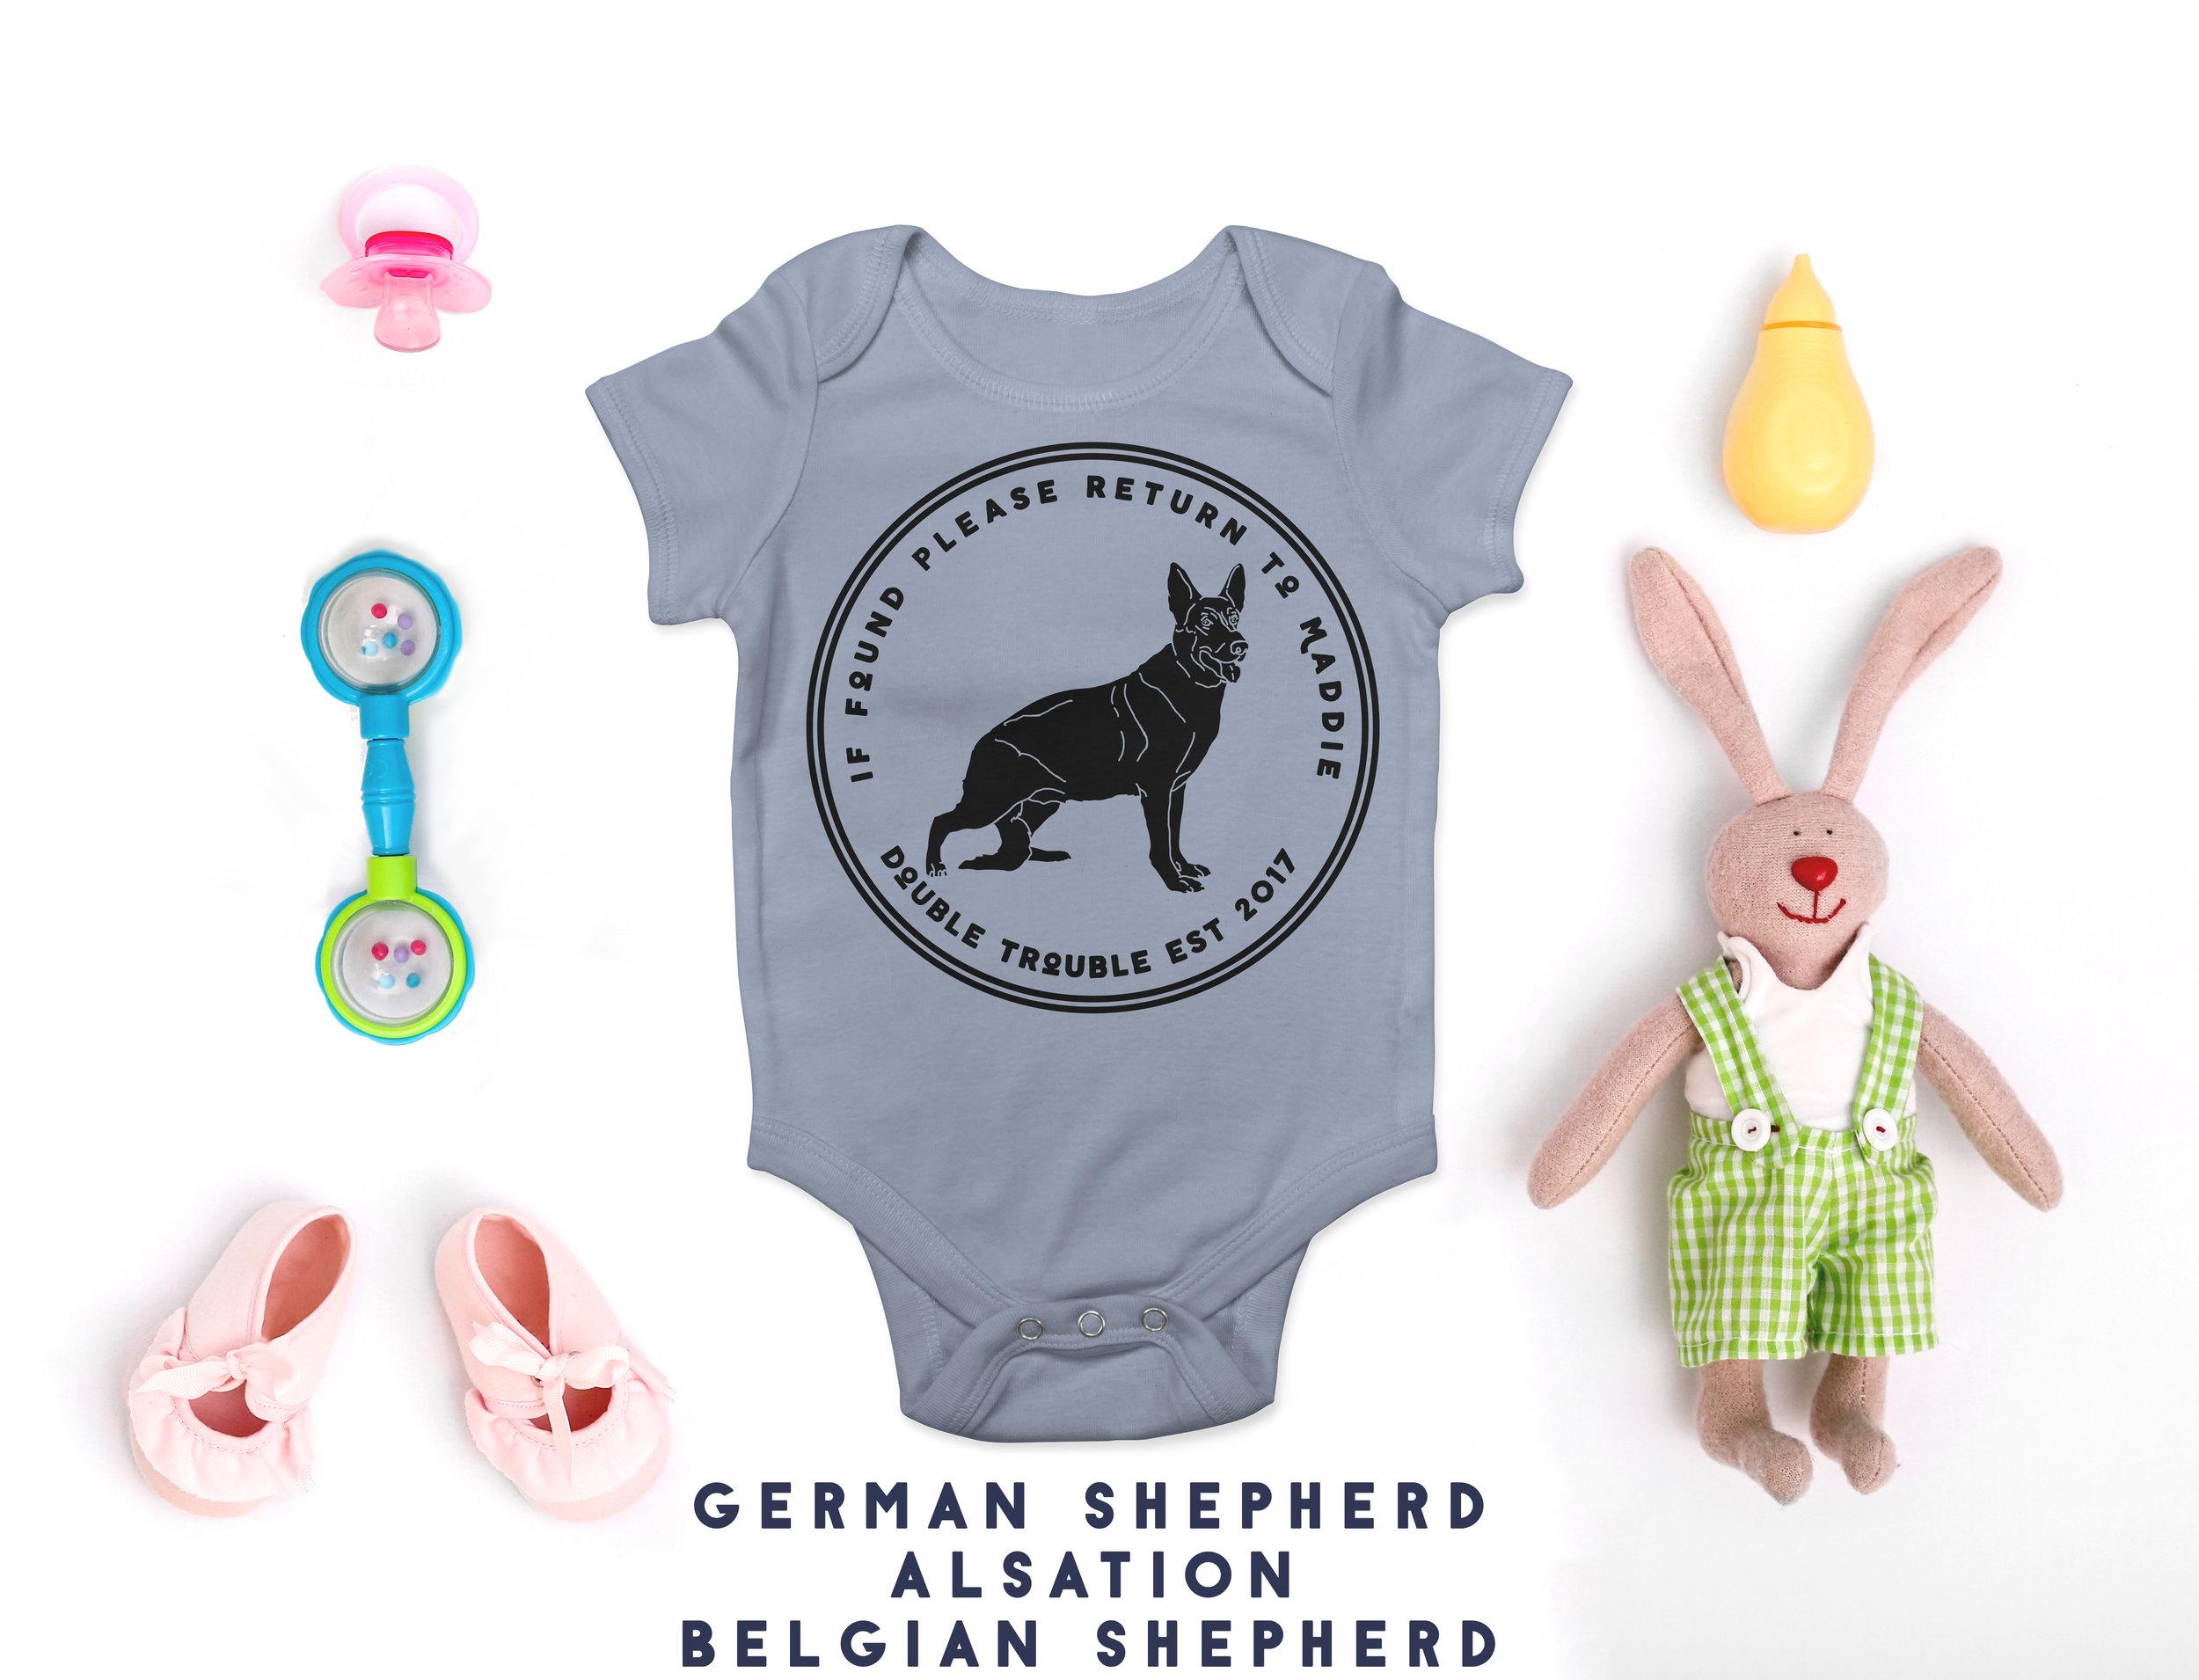 german shepherd completed mockup.jpg